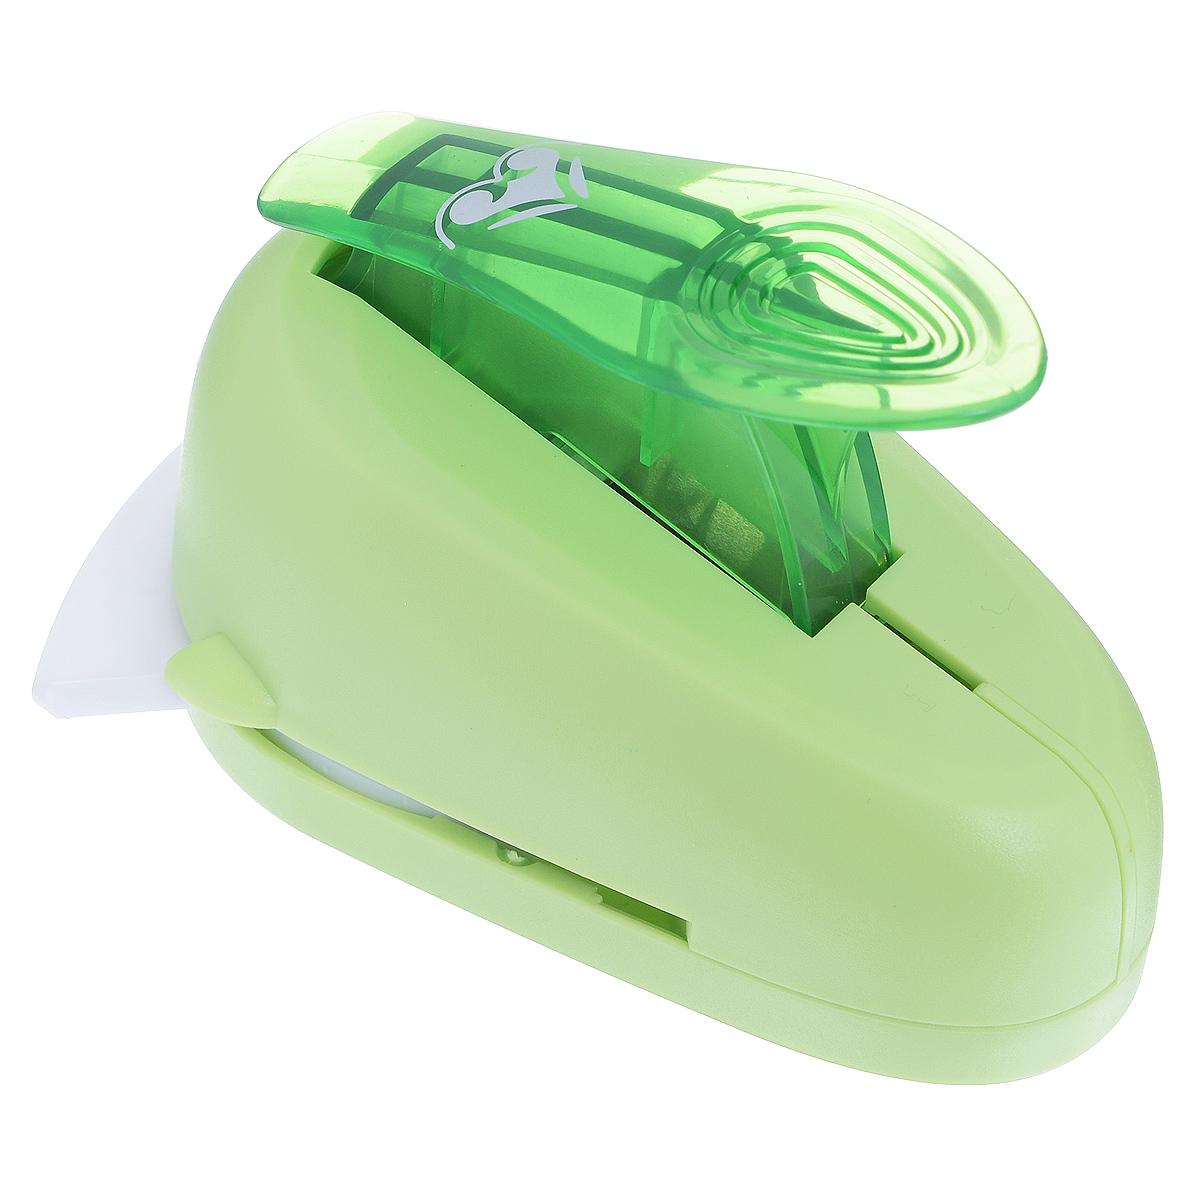 Дырокол фигурный Астра Сердце, угловой. CD-99MC7709610_63Дырокол Астра Сердце поможет вам легко, просто и аккуратно вырезать много одинаковыхмелких фигурок. Режущие части компостера закрыты пластмассовым корпусом, что обеспечивает безопасностьдля детей. Вырезанные фигурки накапливаются в специальном резервуаре. Можно использоватьвырезанные мотивы как конфетти или для наклеивания.Угловой дырокол подходит для разных техник: декупажа, скрапбукинга, декорирования. Размер дырокола: 10 см х 7 см х 7 см. Размер готовой фигурки: 2,5 см х 1,5 см.